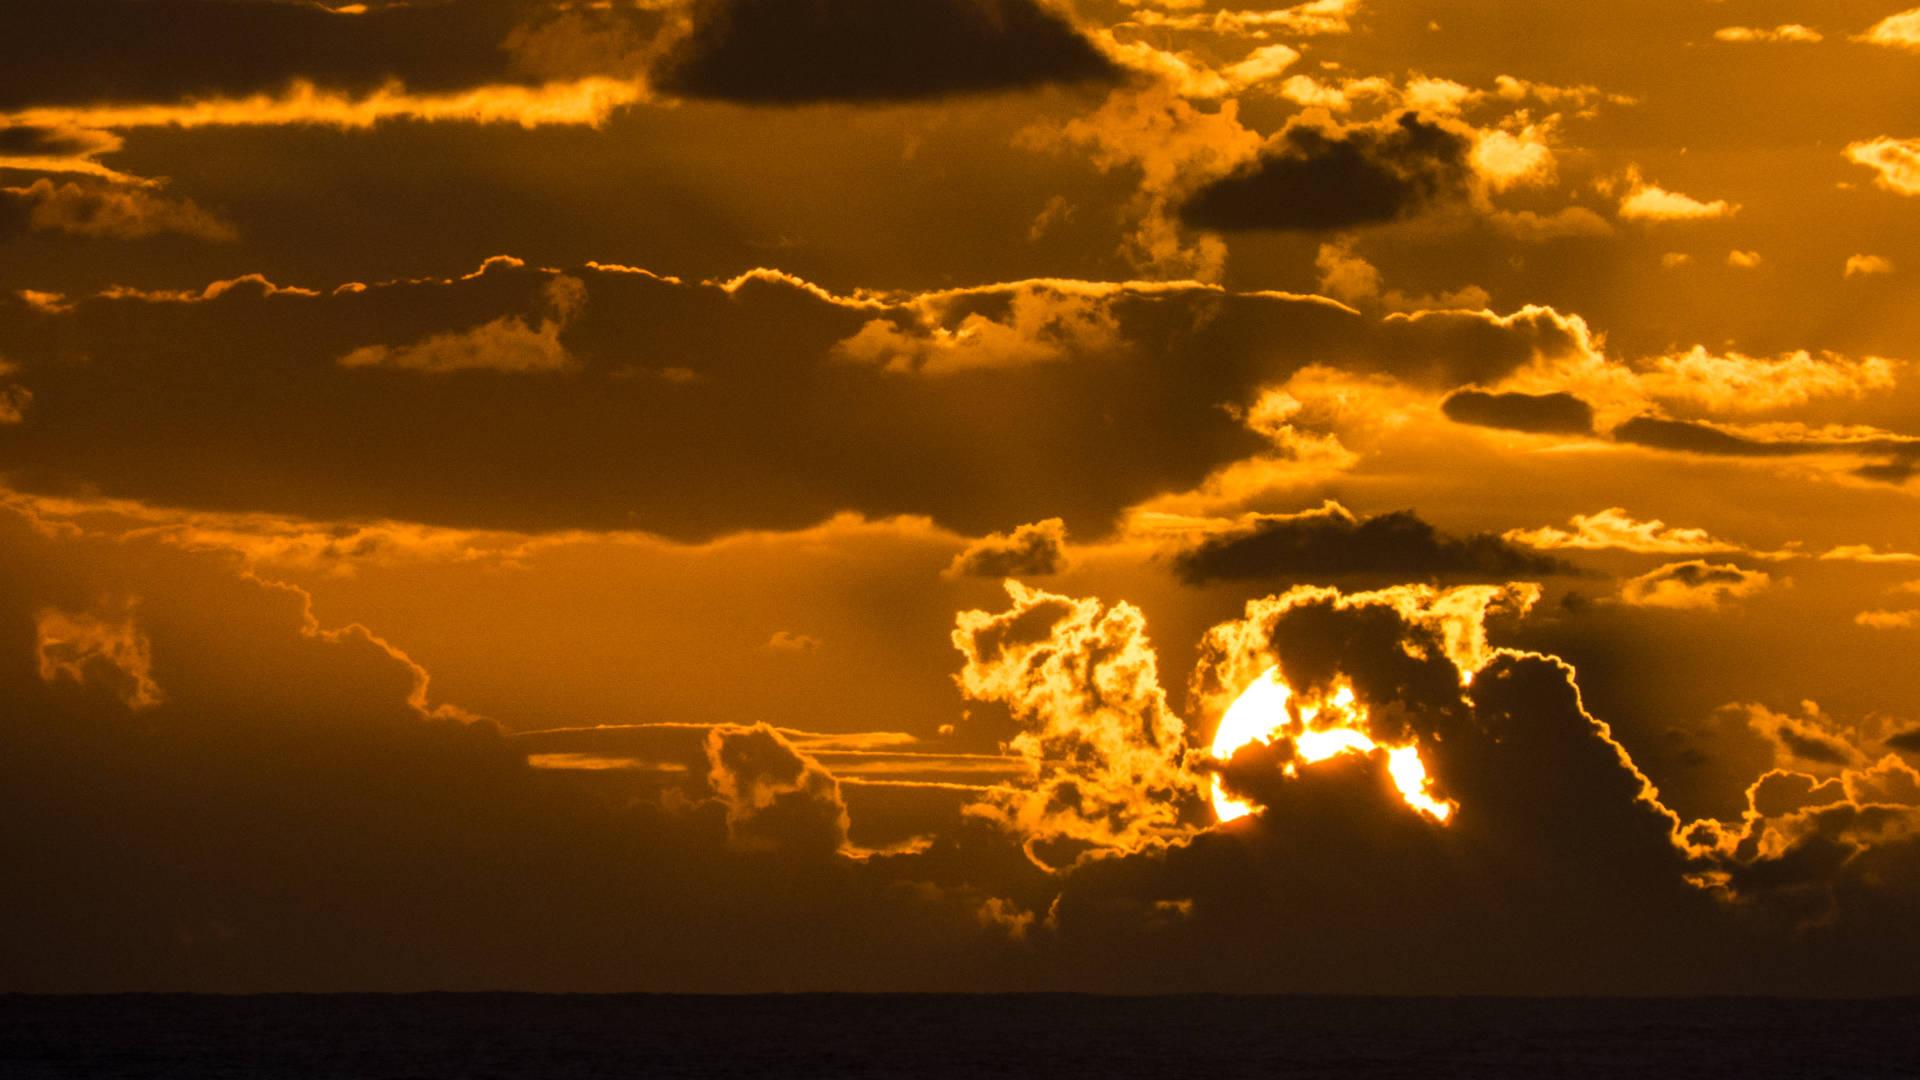 Sonnenuntergang und Passatwolken – immer ein dramaturgisch grandioses Ereignis.